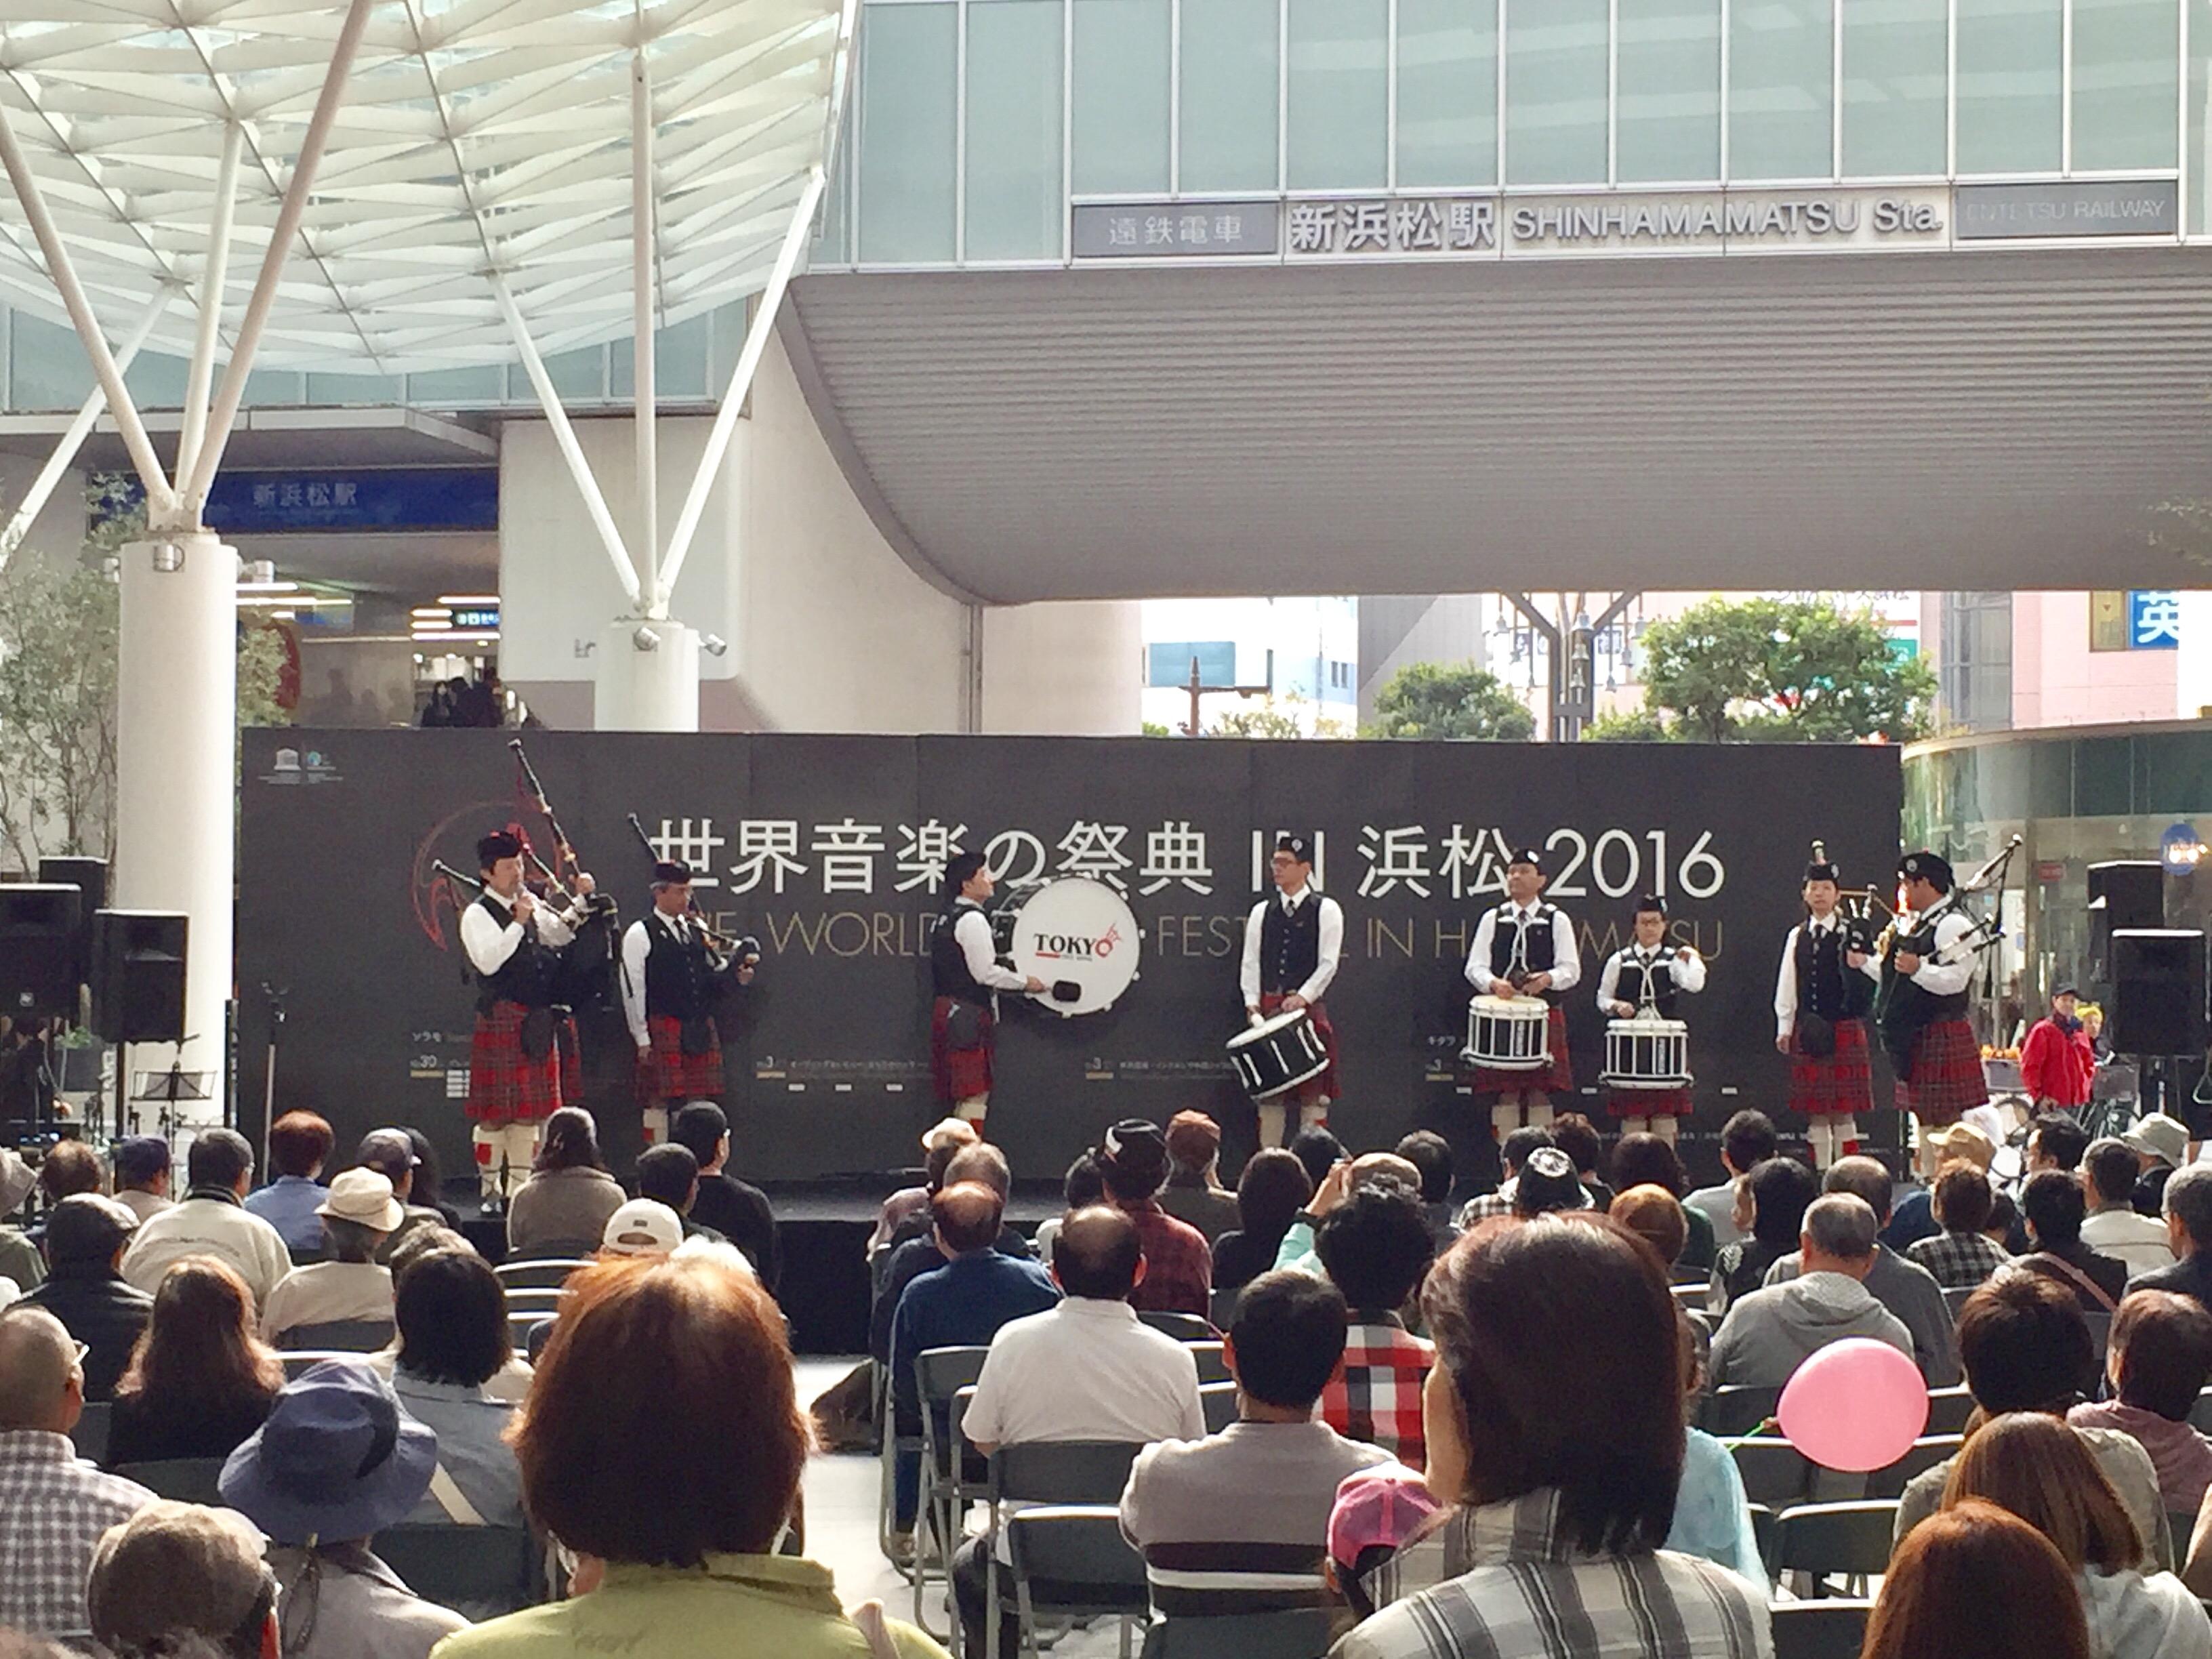 世界音楽の祭典 in 浜松 2016